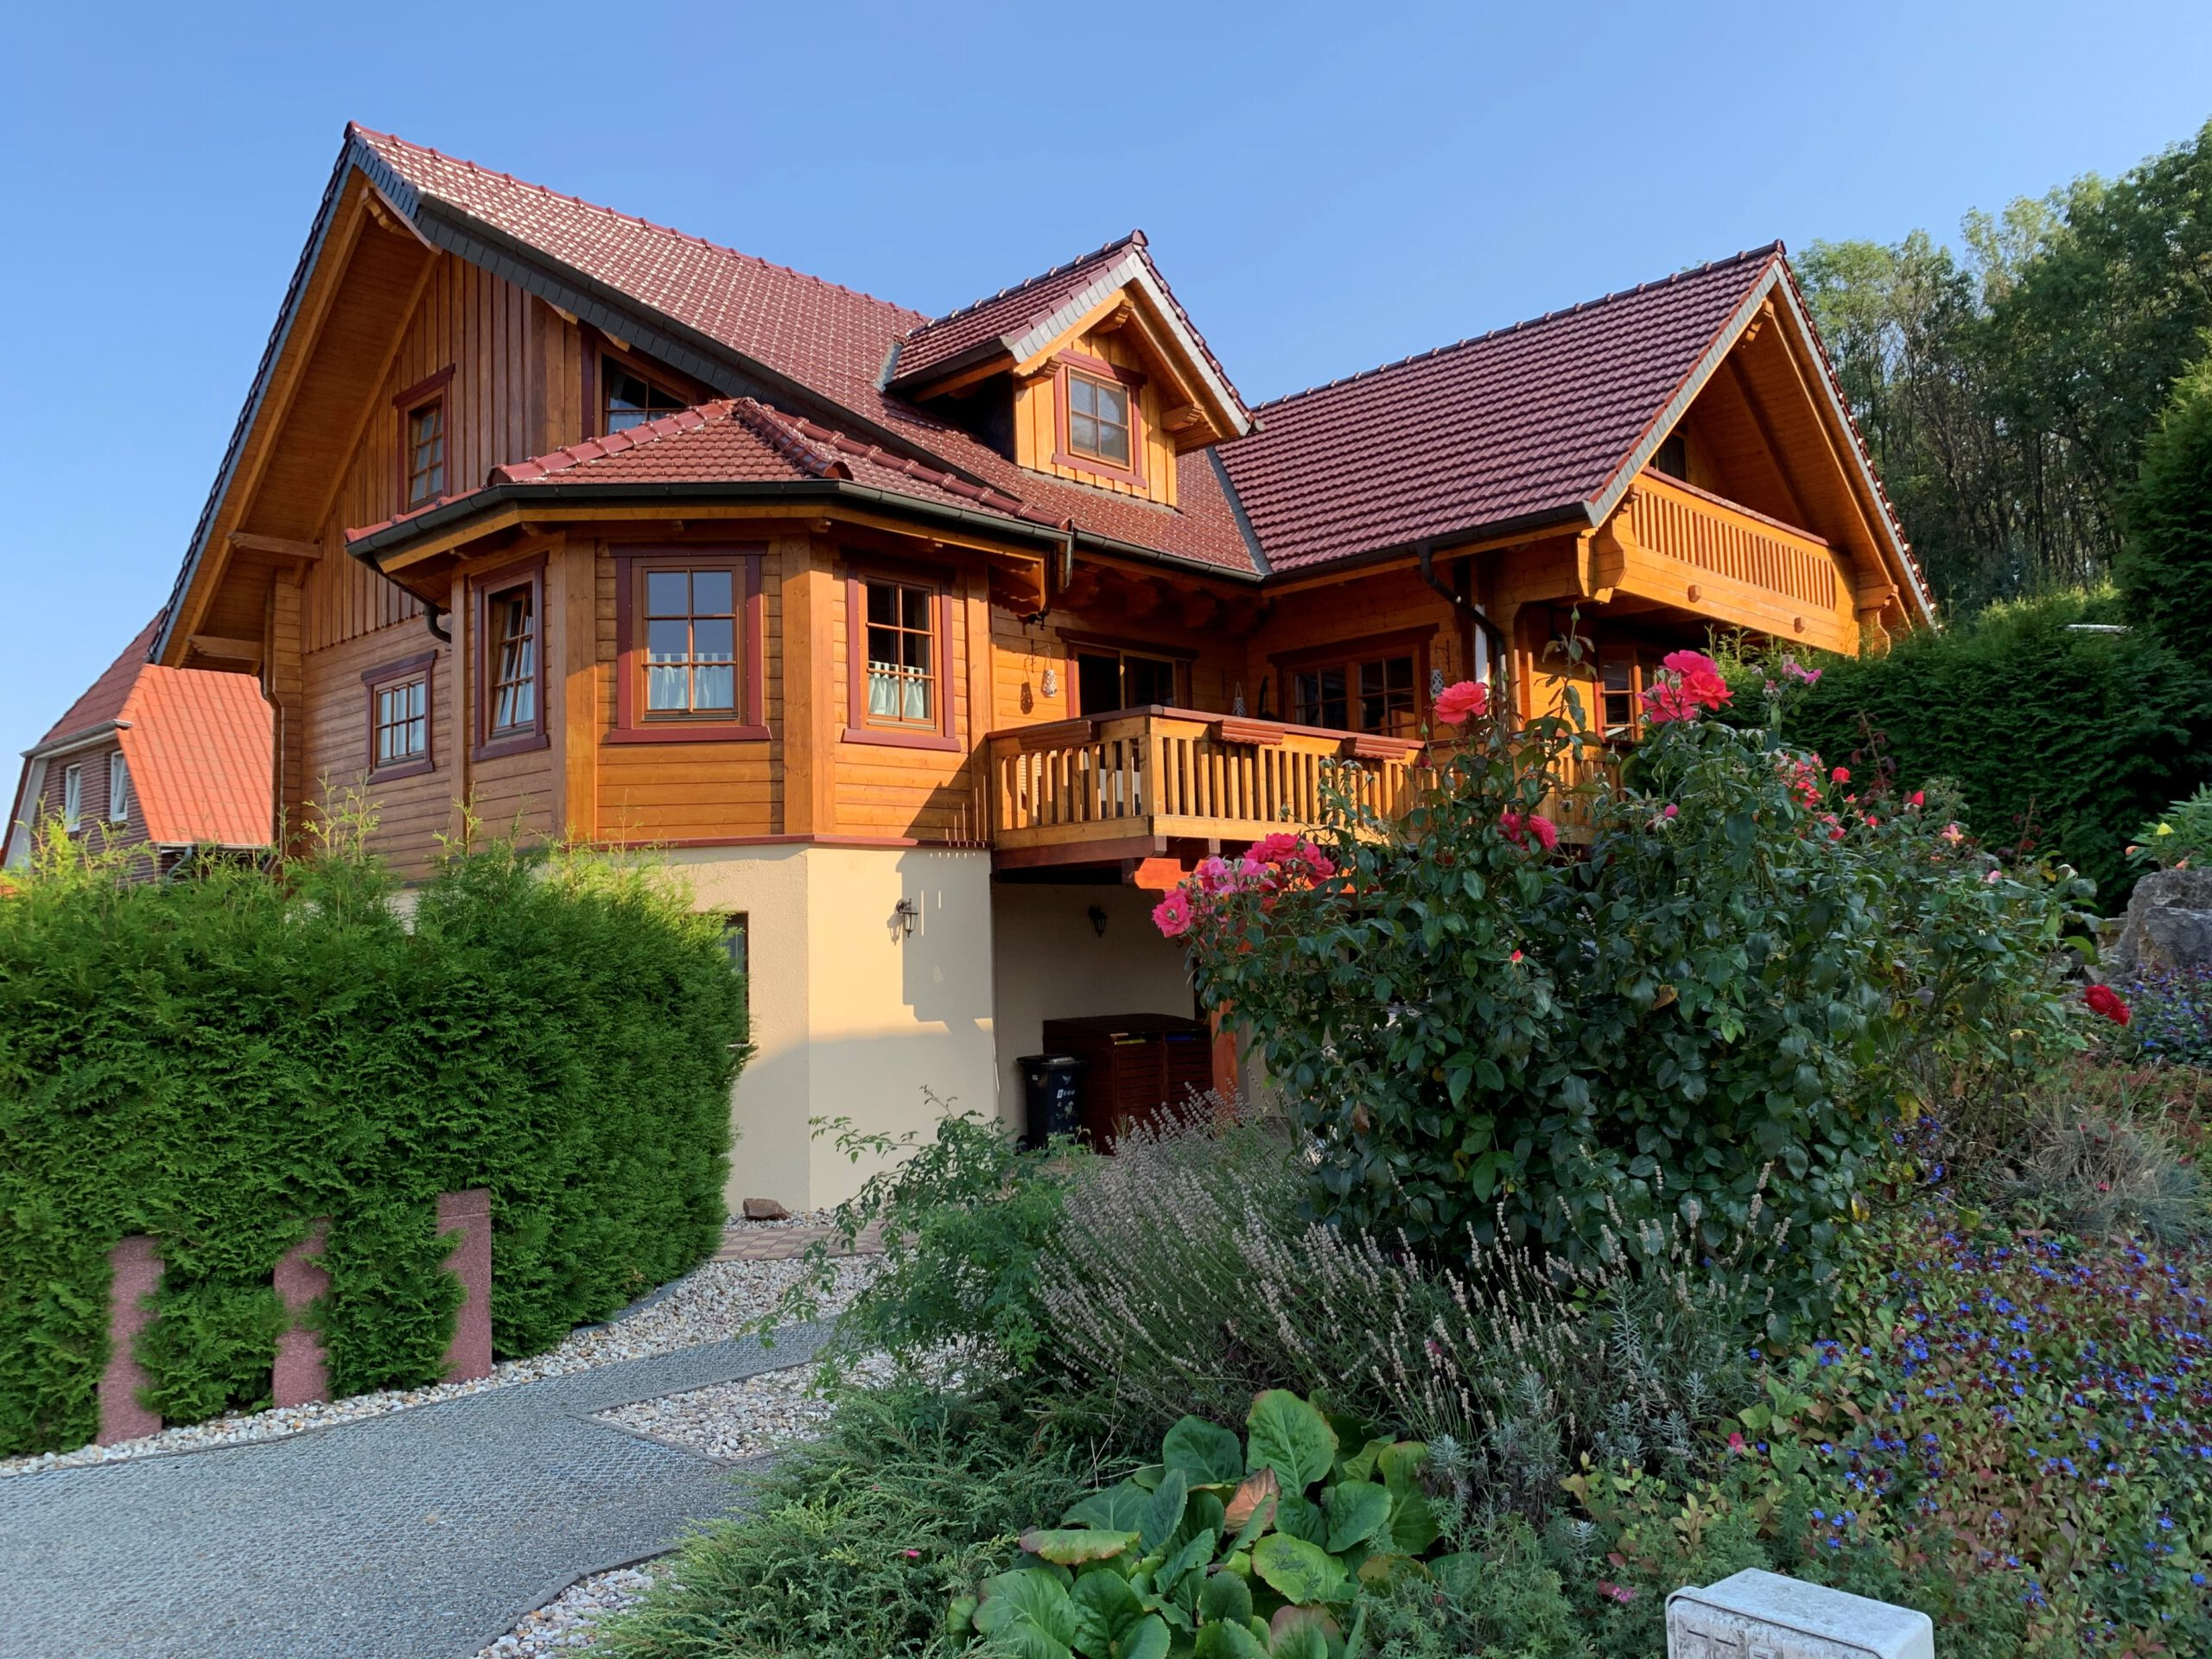 Traumhaus in Schochwitz - Straßenansicht